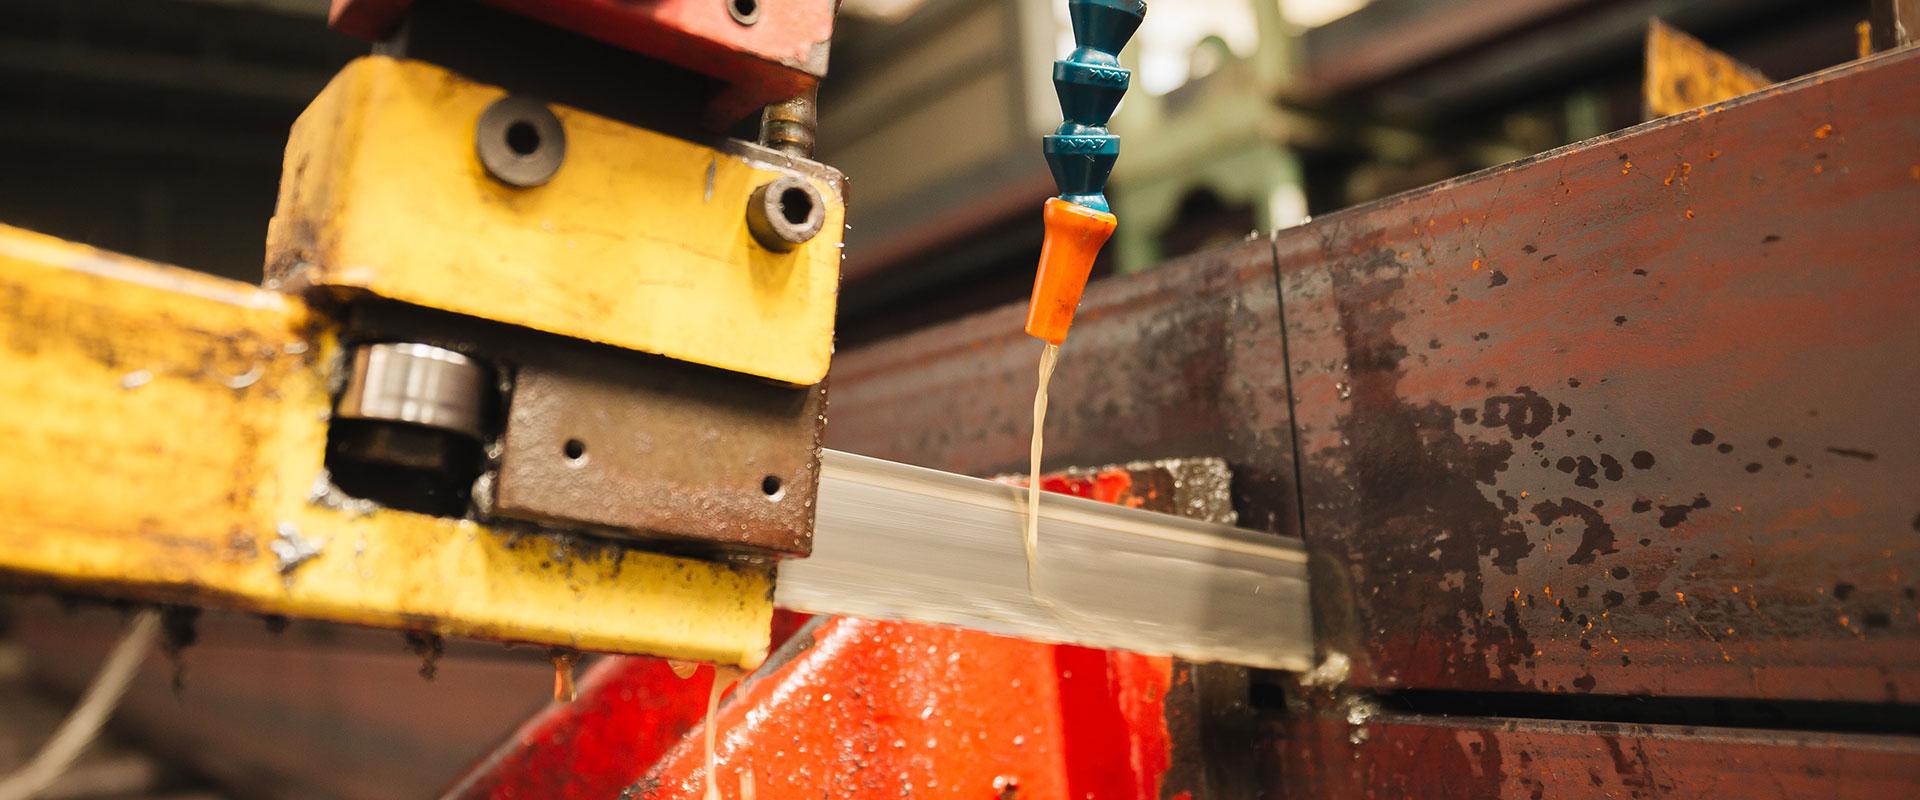 travi - tecnoacciai vendita acciaio inox, siderurgica, acciai per industria meccanica, impiantistica